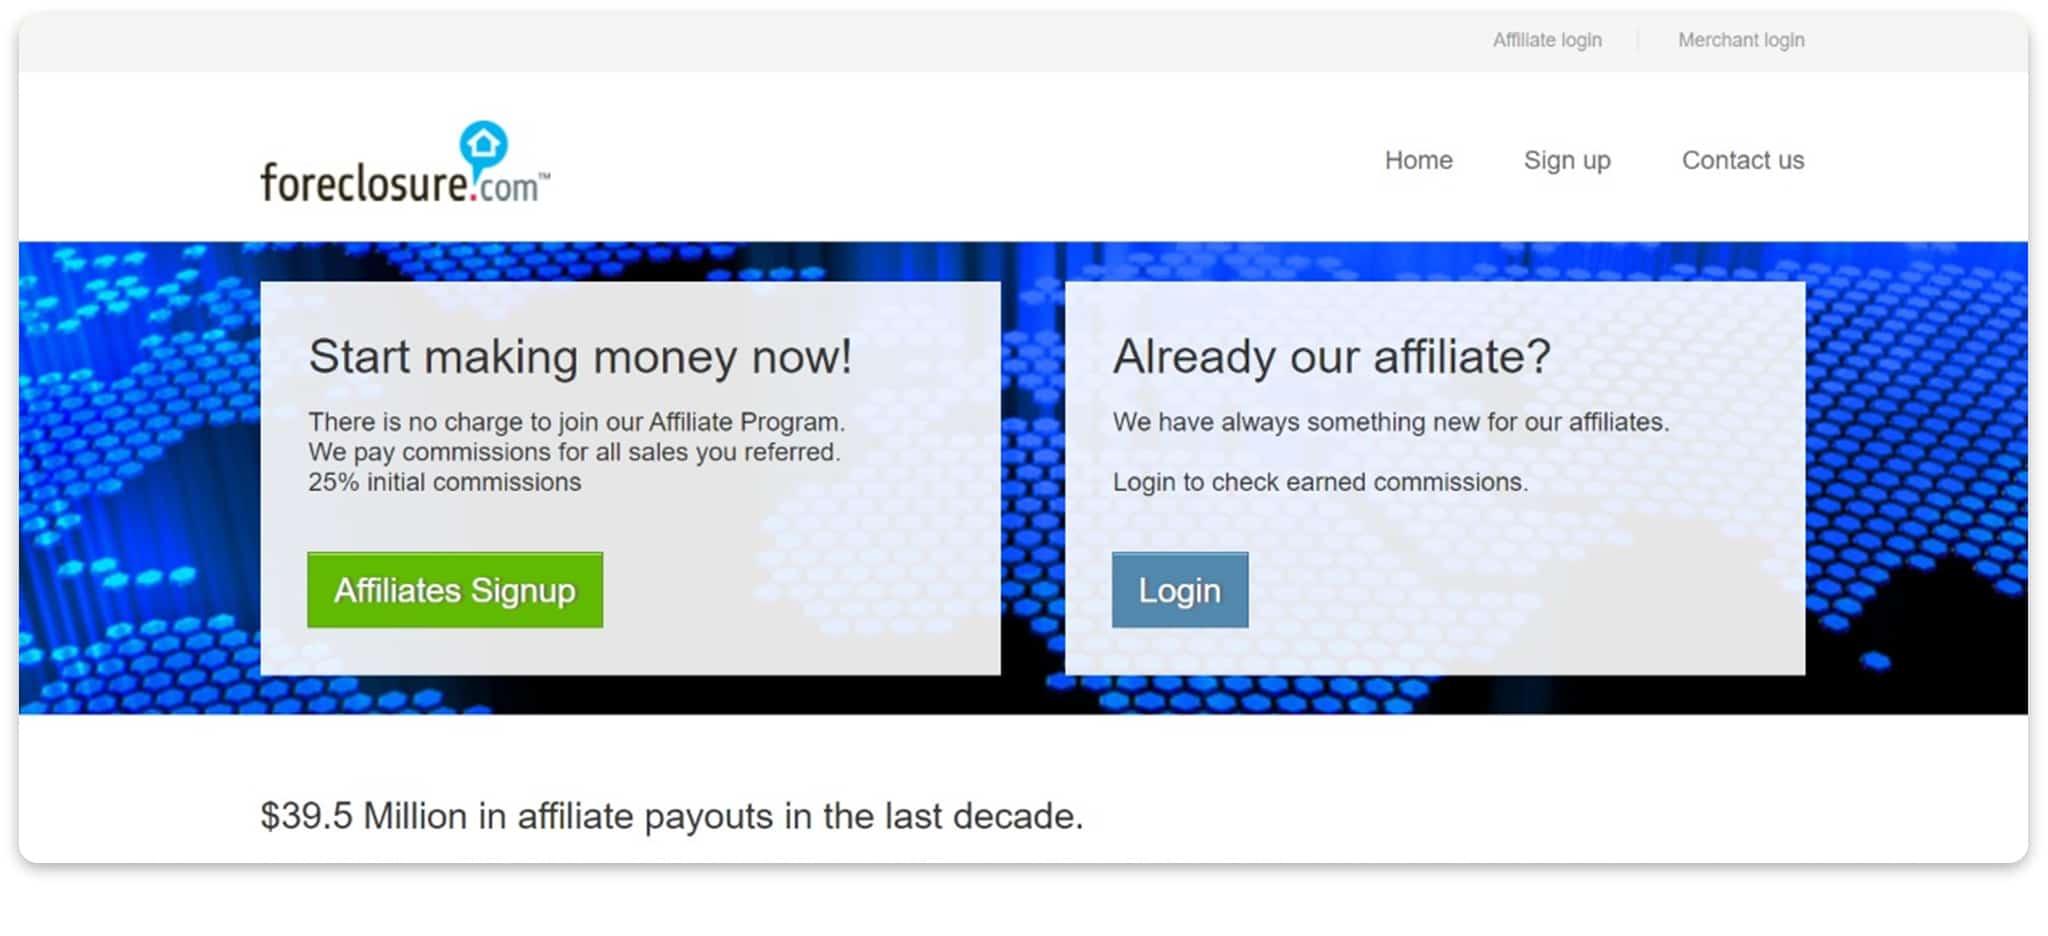 Foreclosure.com affilaite